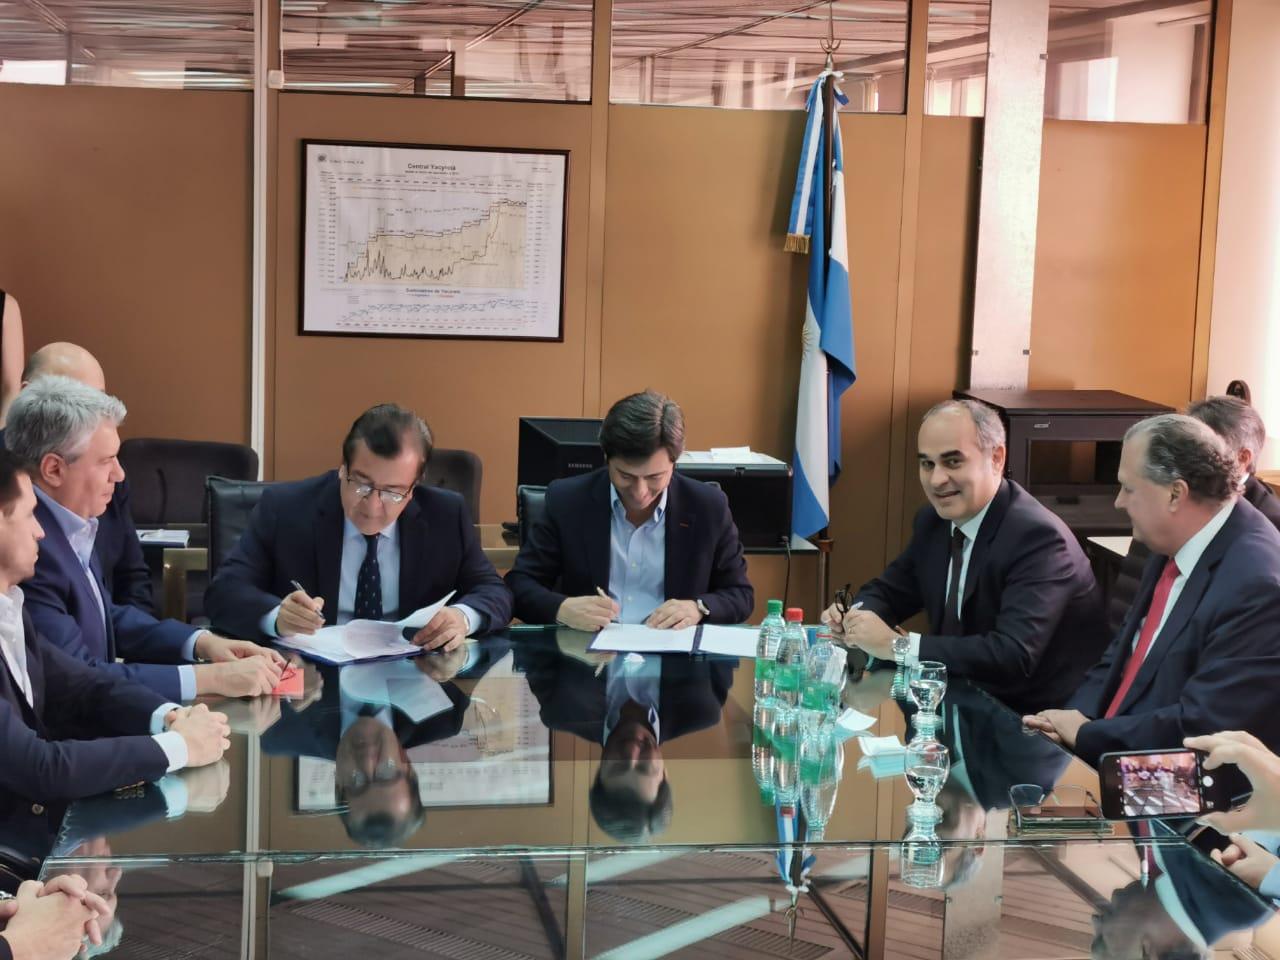 Histórico: Paraguay y Argentina firman los contratos para iniciar las obras civiles de Aña Cuá